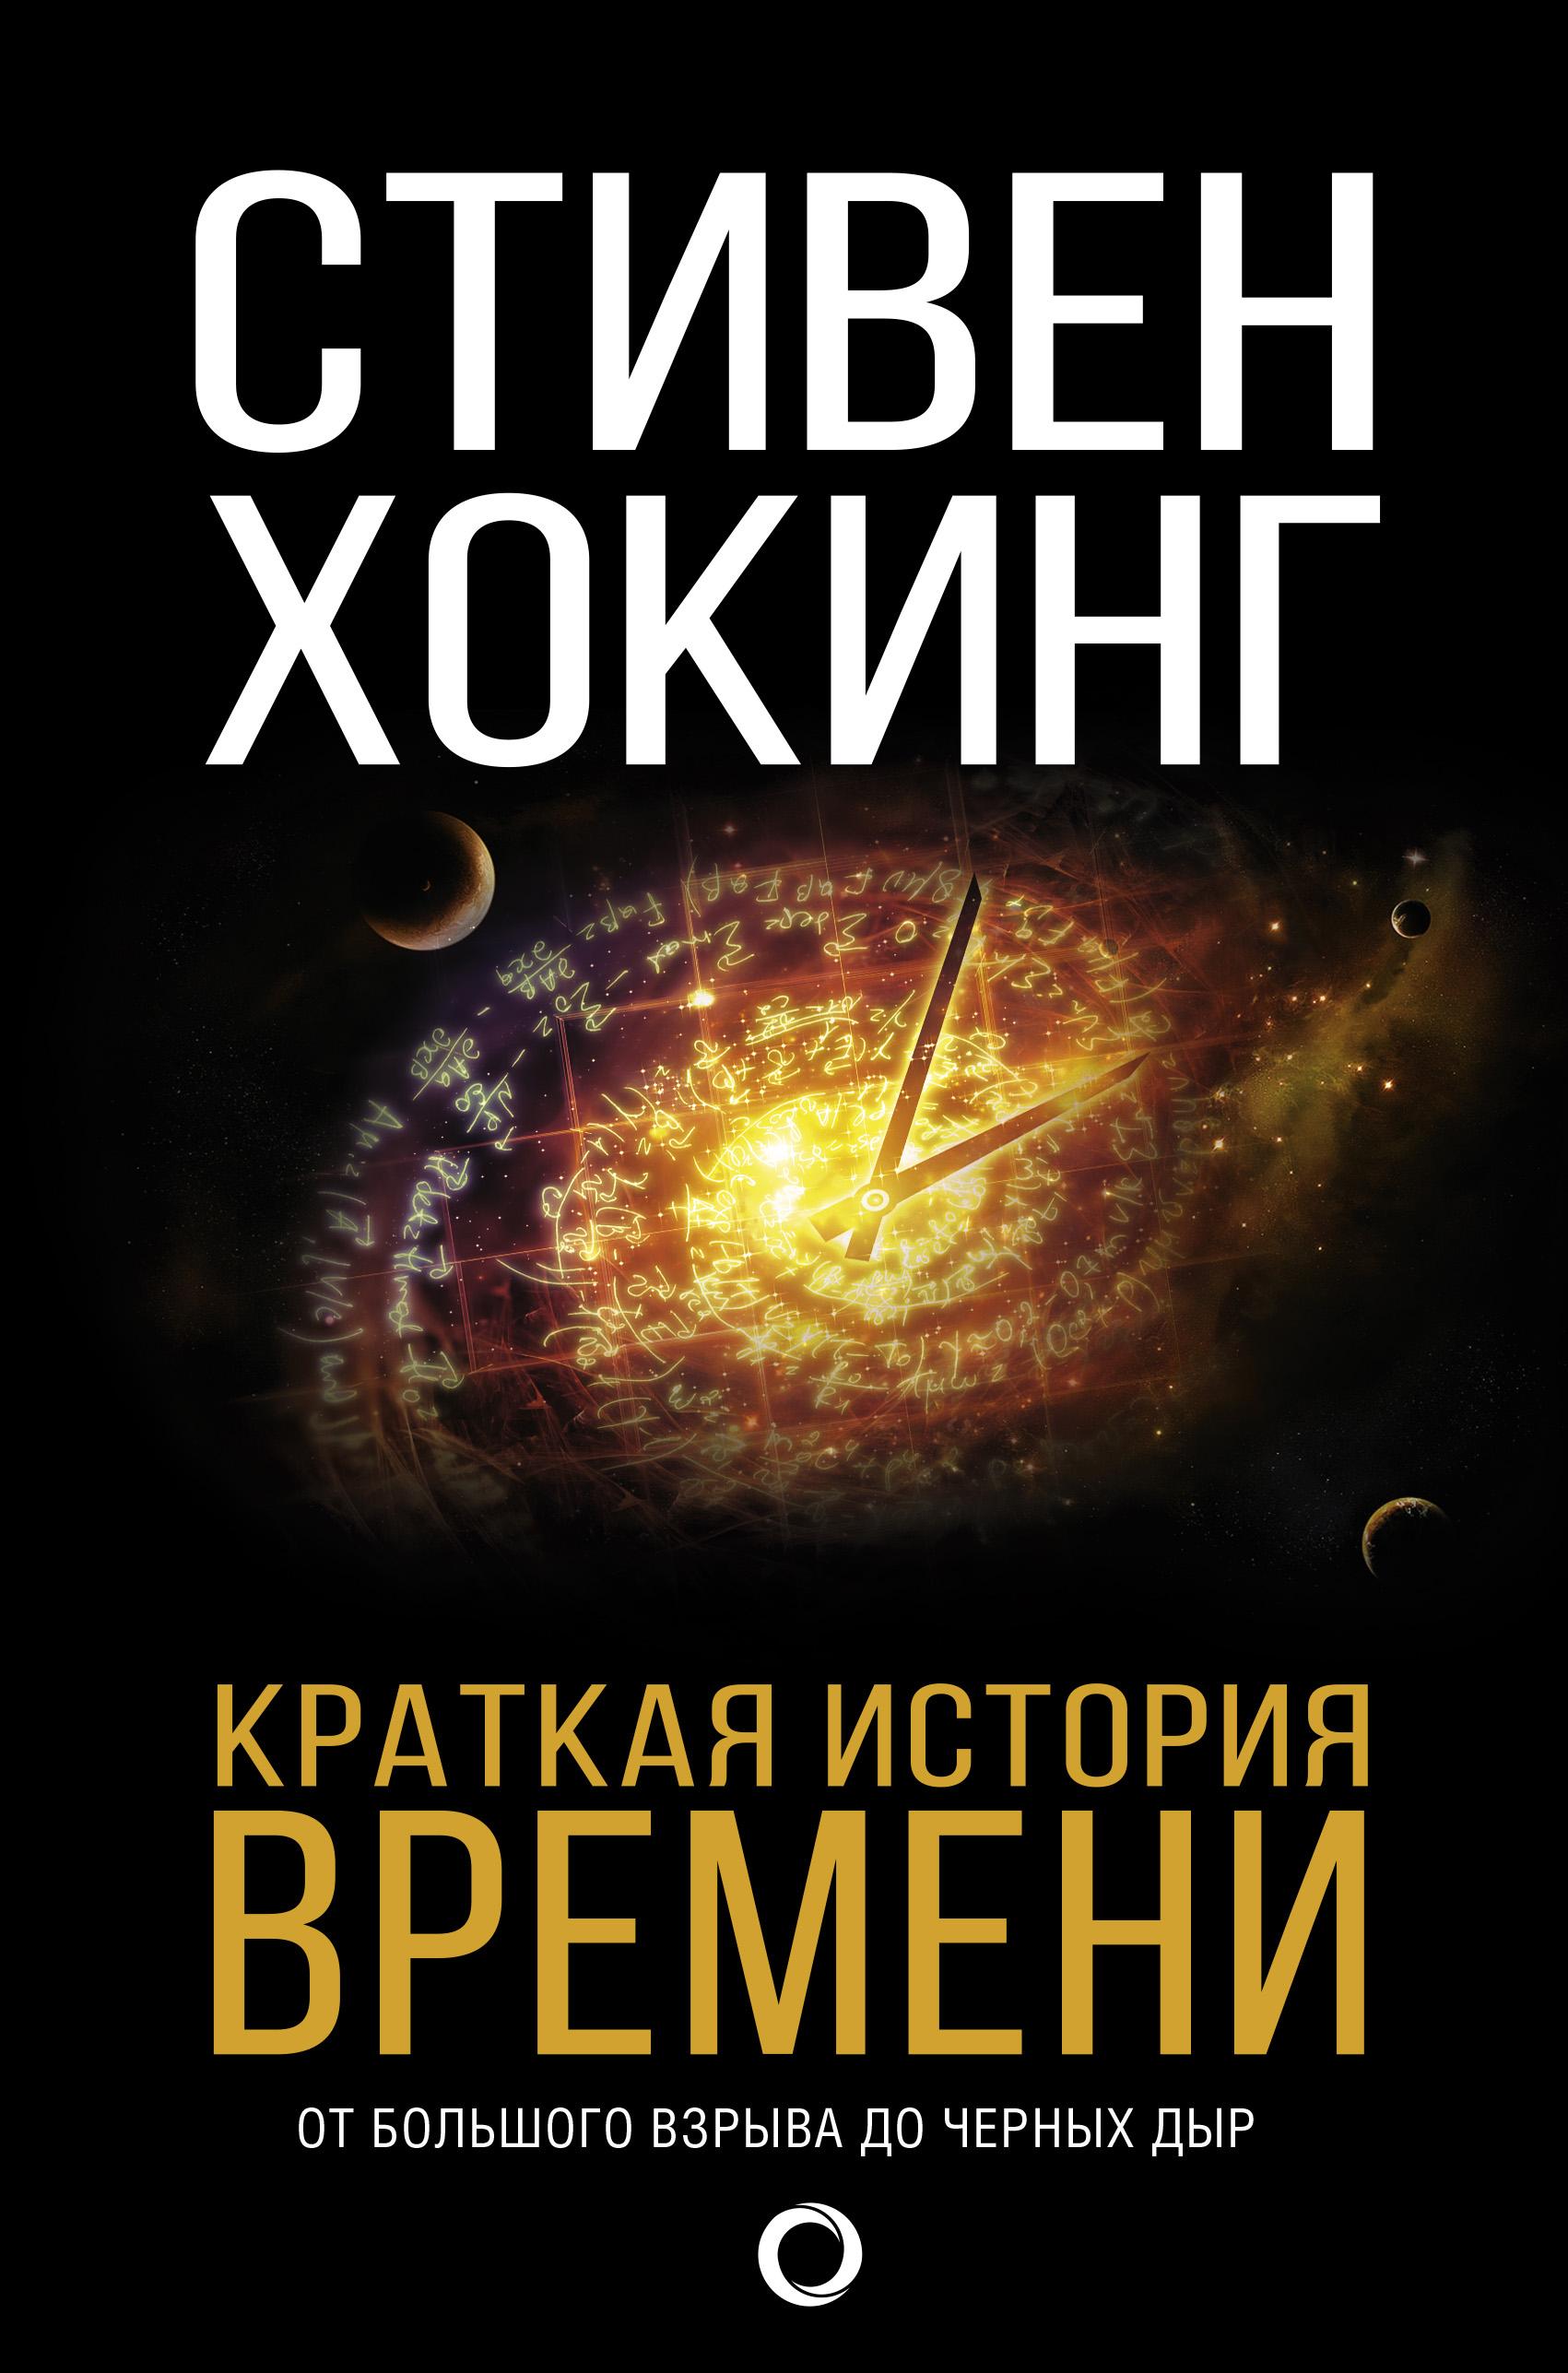 Фото - Стивен Хокинг Краткая история времени. От Большого Взрыва до черных дыр хокинг л хокинг с джордж и сокровища вселенной isbn 9785903497225